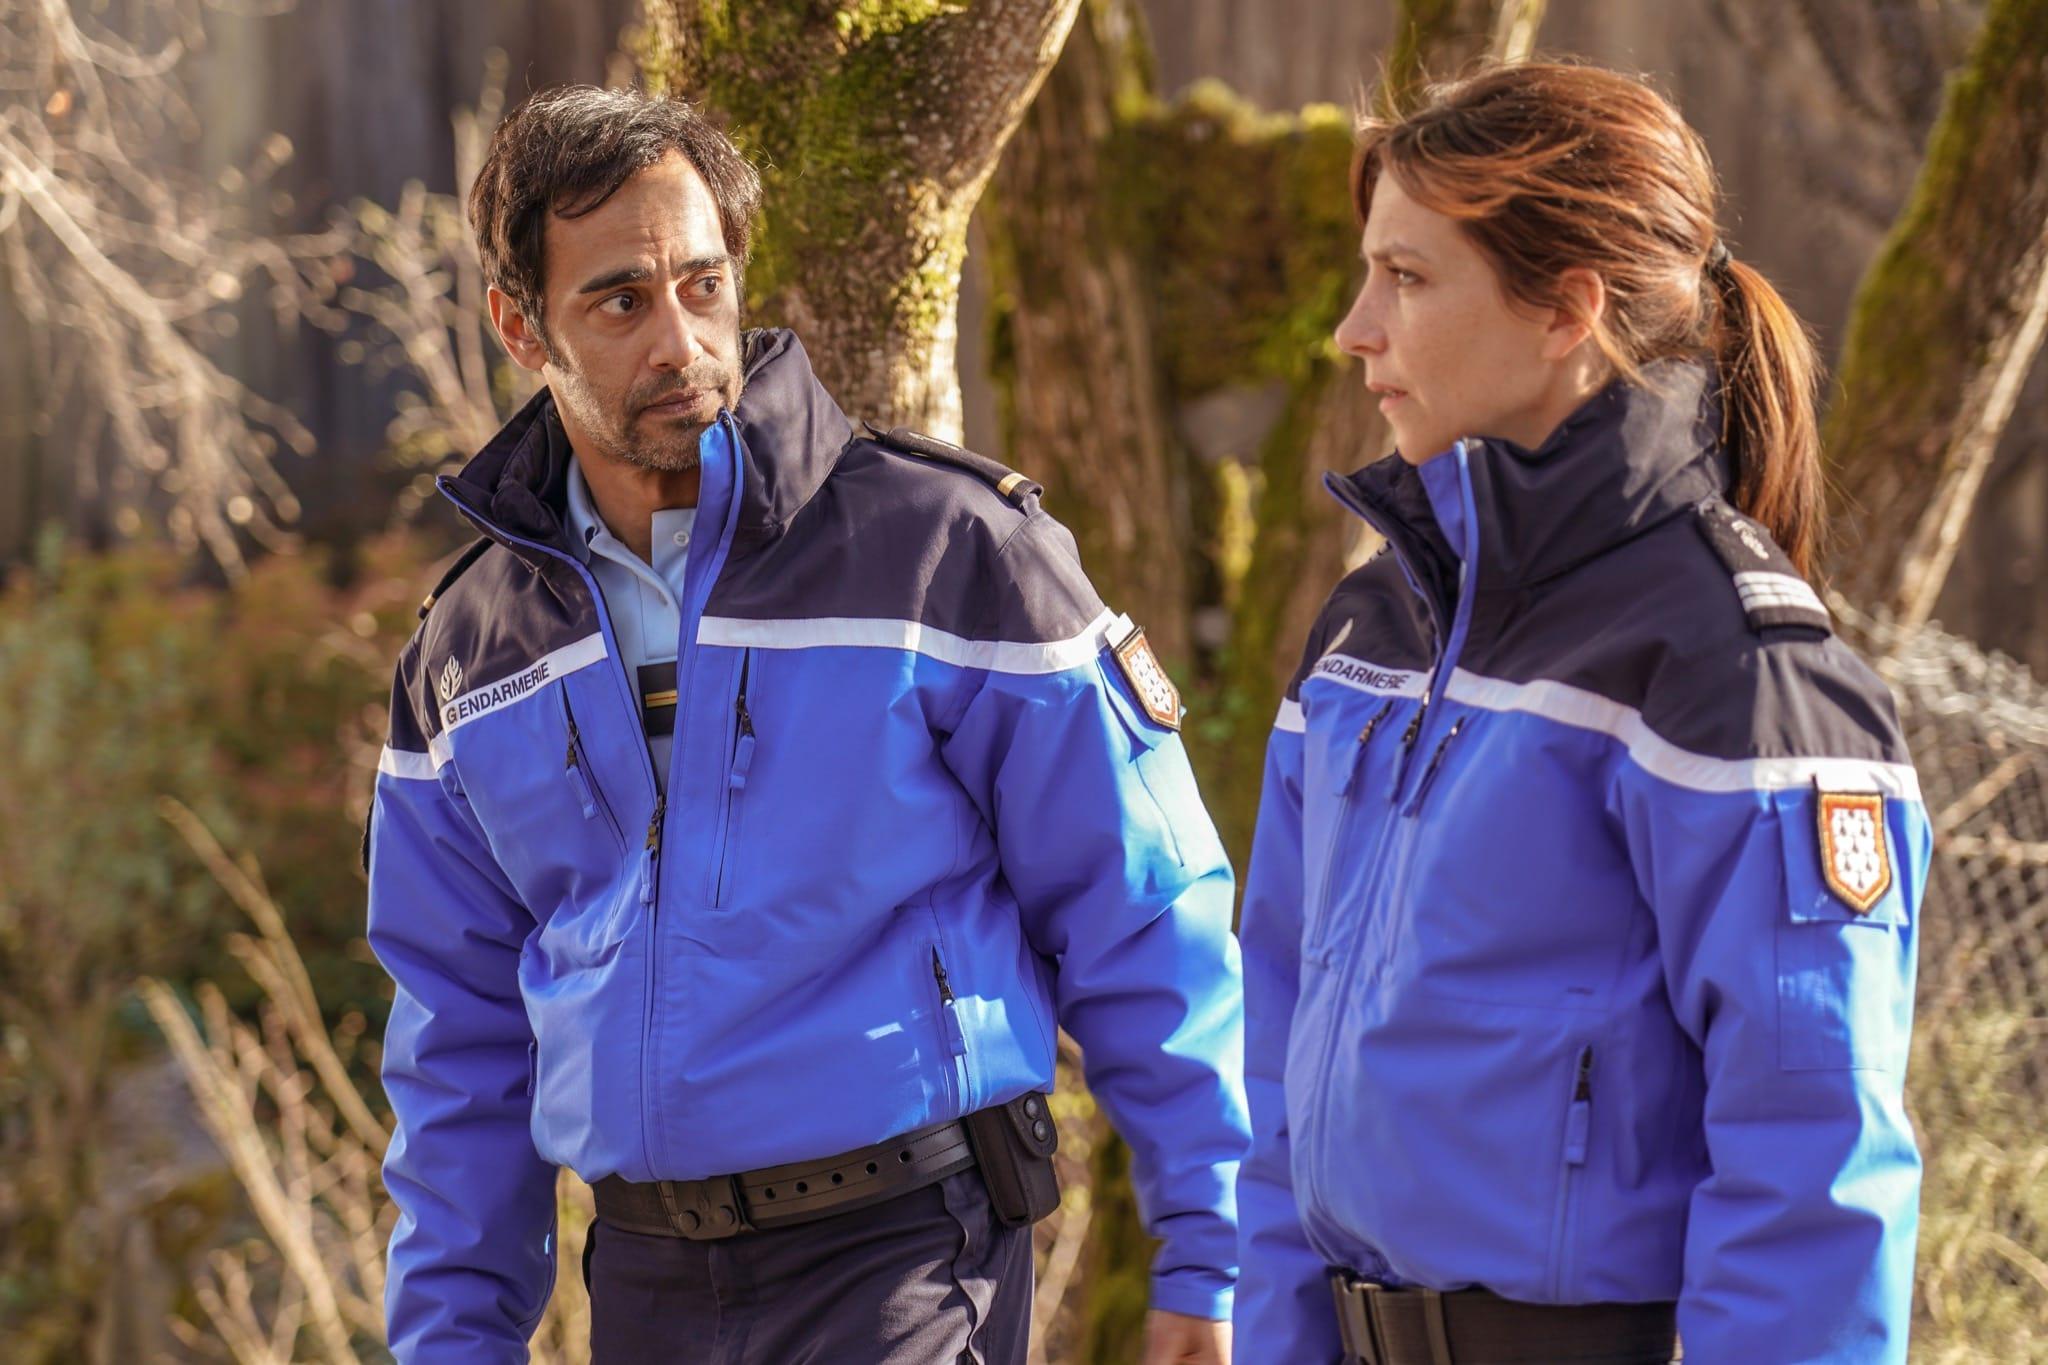 Meurtres en Corrèze d'Adeline Darraux image téléfilm policier